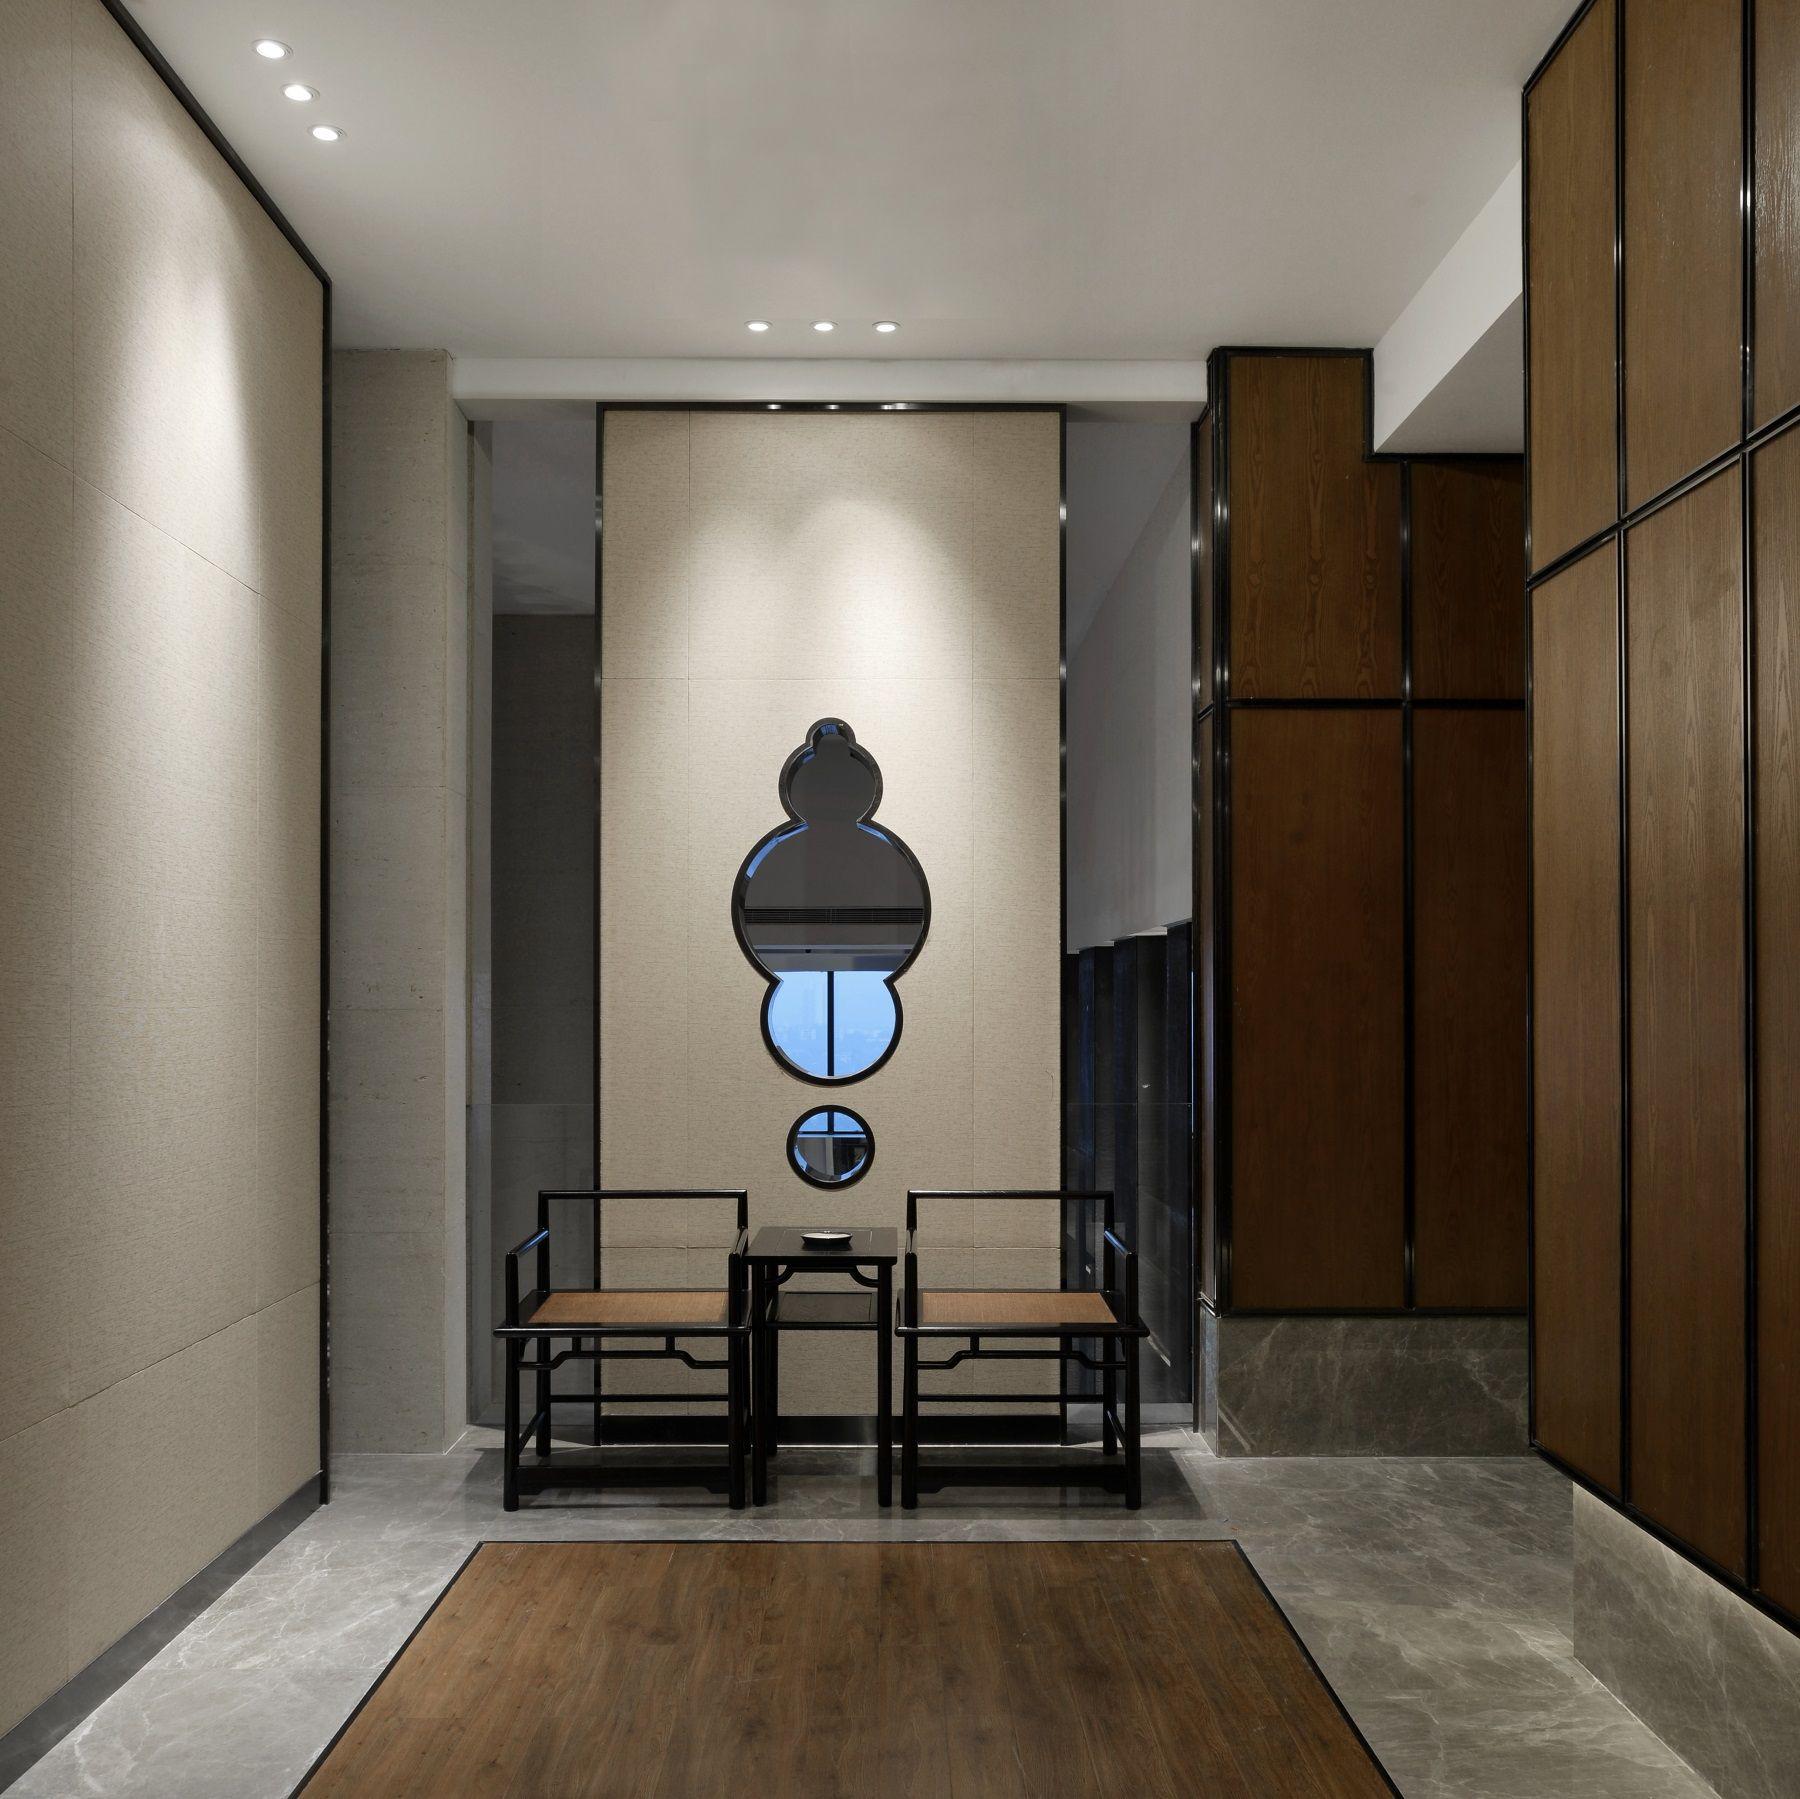 沪申荟源自上海,强调美食与文化的融合,同时,投资方作为中国古典家具与艺术品收藏家,希望在空间中使自己的收藏得到呈现。考虑到建筑空间的原有风格及投资方需求,设计师决定采用新中式手法来打造会所,而非重庆过往高档场所常见的欧式调性。 对会所大堂空间及简餐区,重视对于空间原有文脉的传承,设计师仅对陈设部分略作调整,而把作力点放在中餐厅与茶室区域,尤其是中餐区域,重新构建出十一间大小不同包房来满足会所经营需求,力图将其打造成为重庆地区最有品质的会所餐厅。 在本项目的设计过程中,设计师与投资方在对会所的整体定位上经充